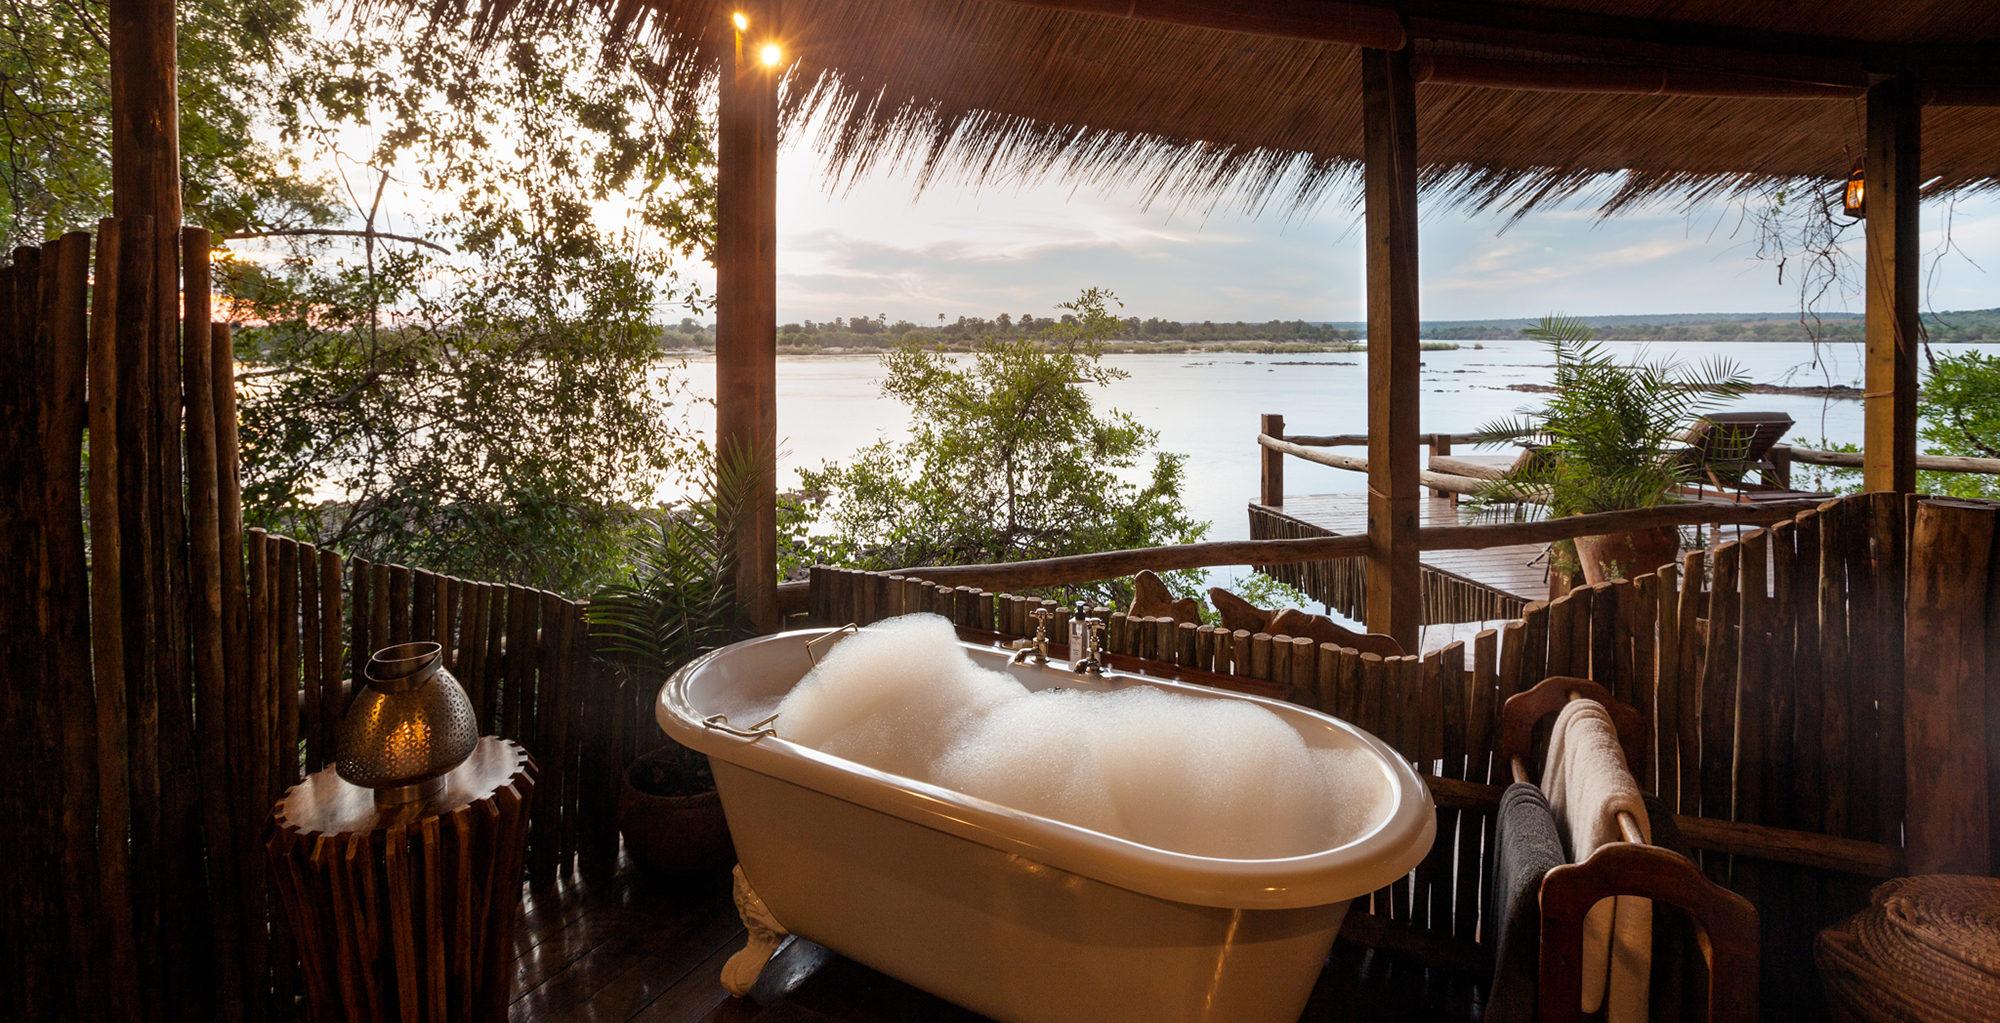 Zambia-Tongabezi-Lodge-Bathroom